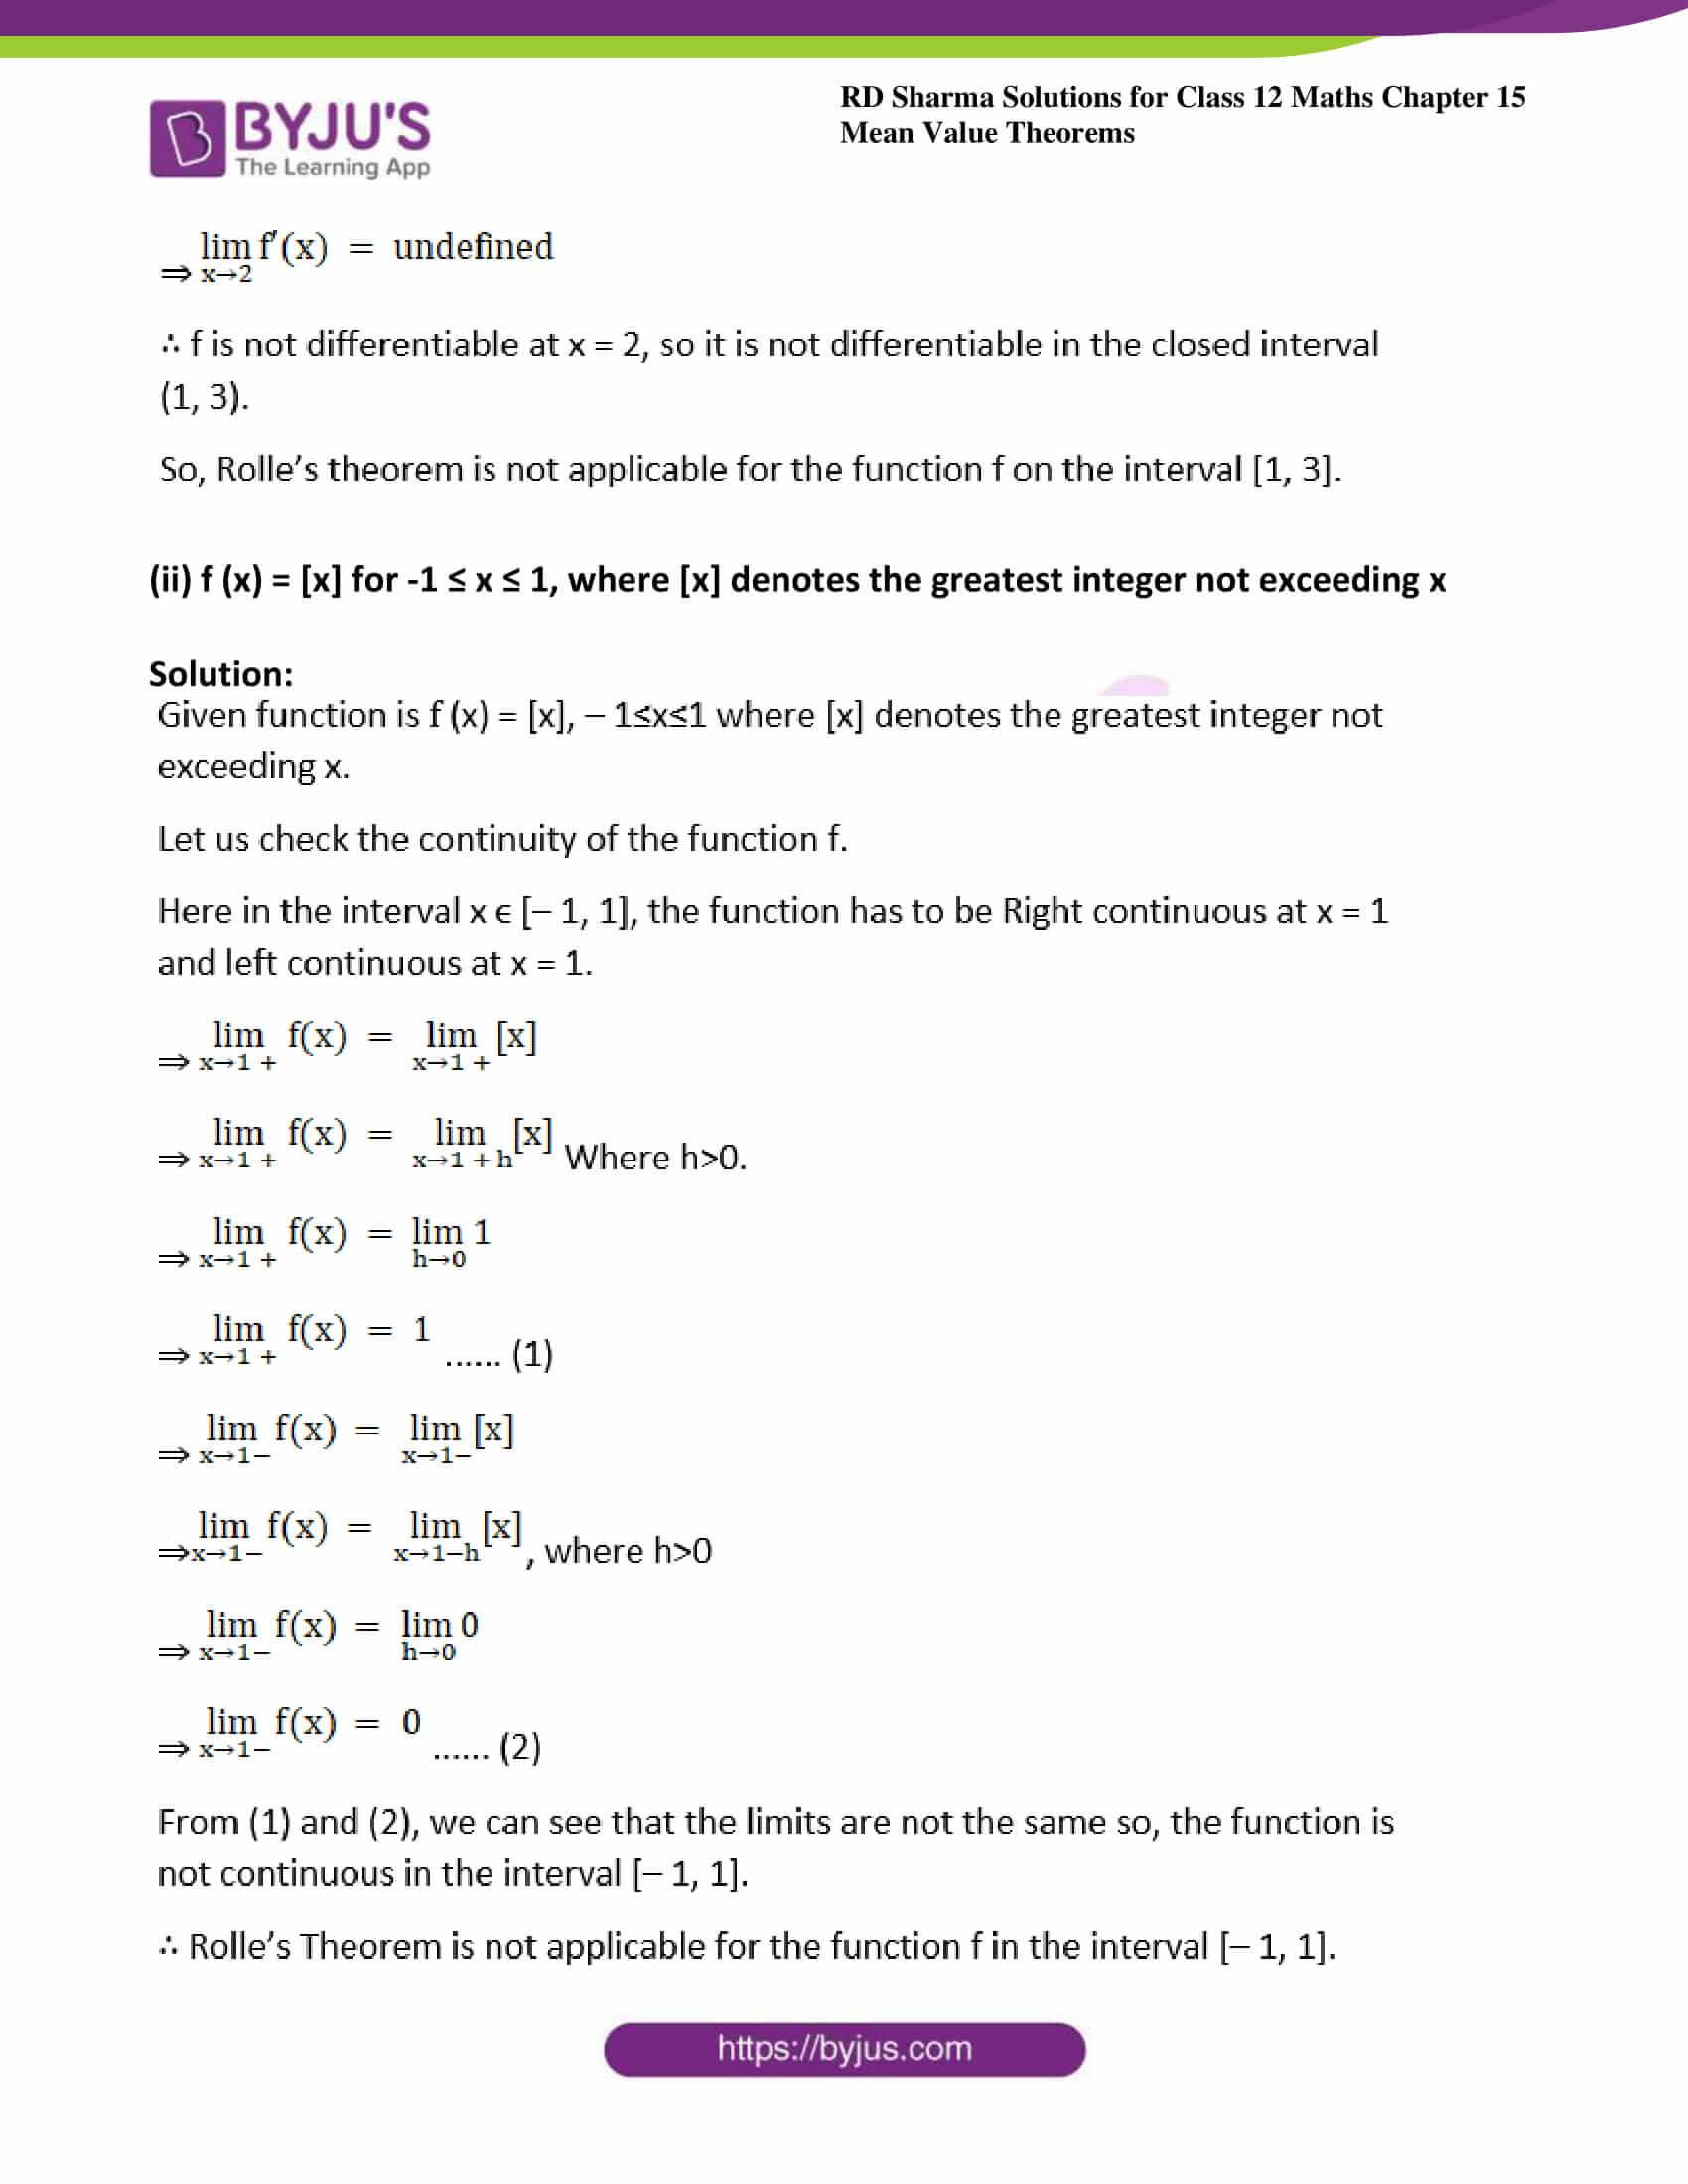 rd sharma class 12 maths solutions chapter 15 ex 1 02